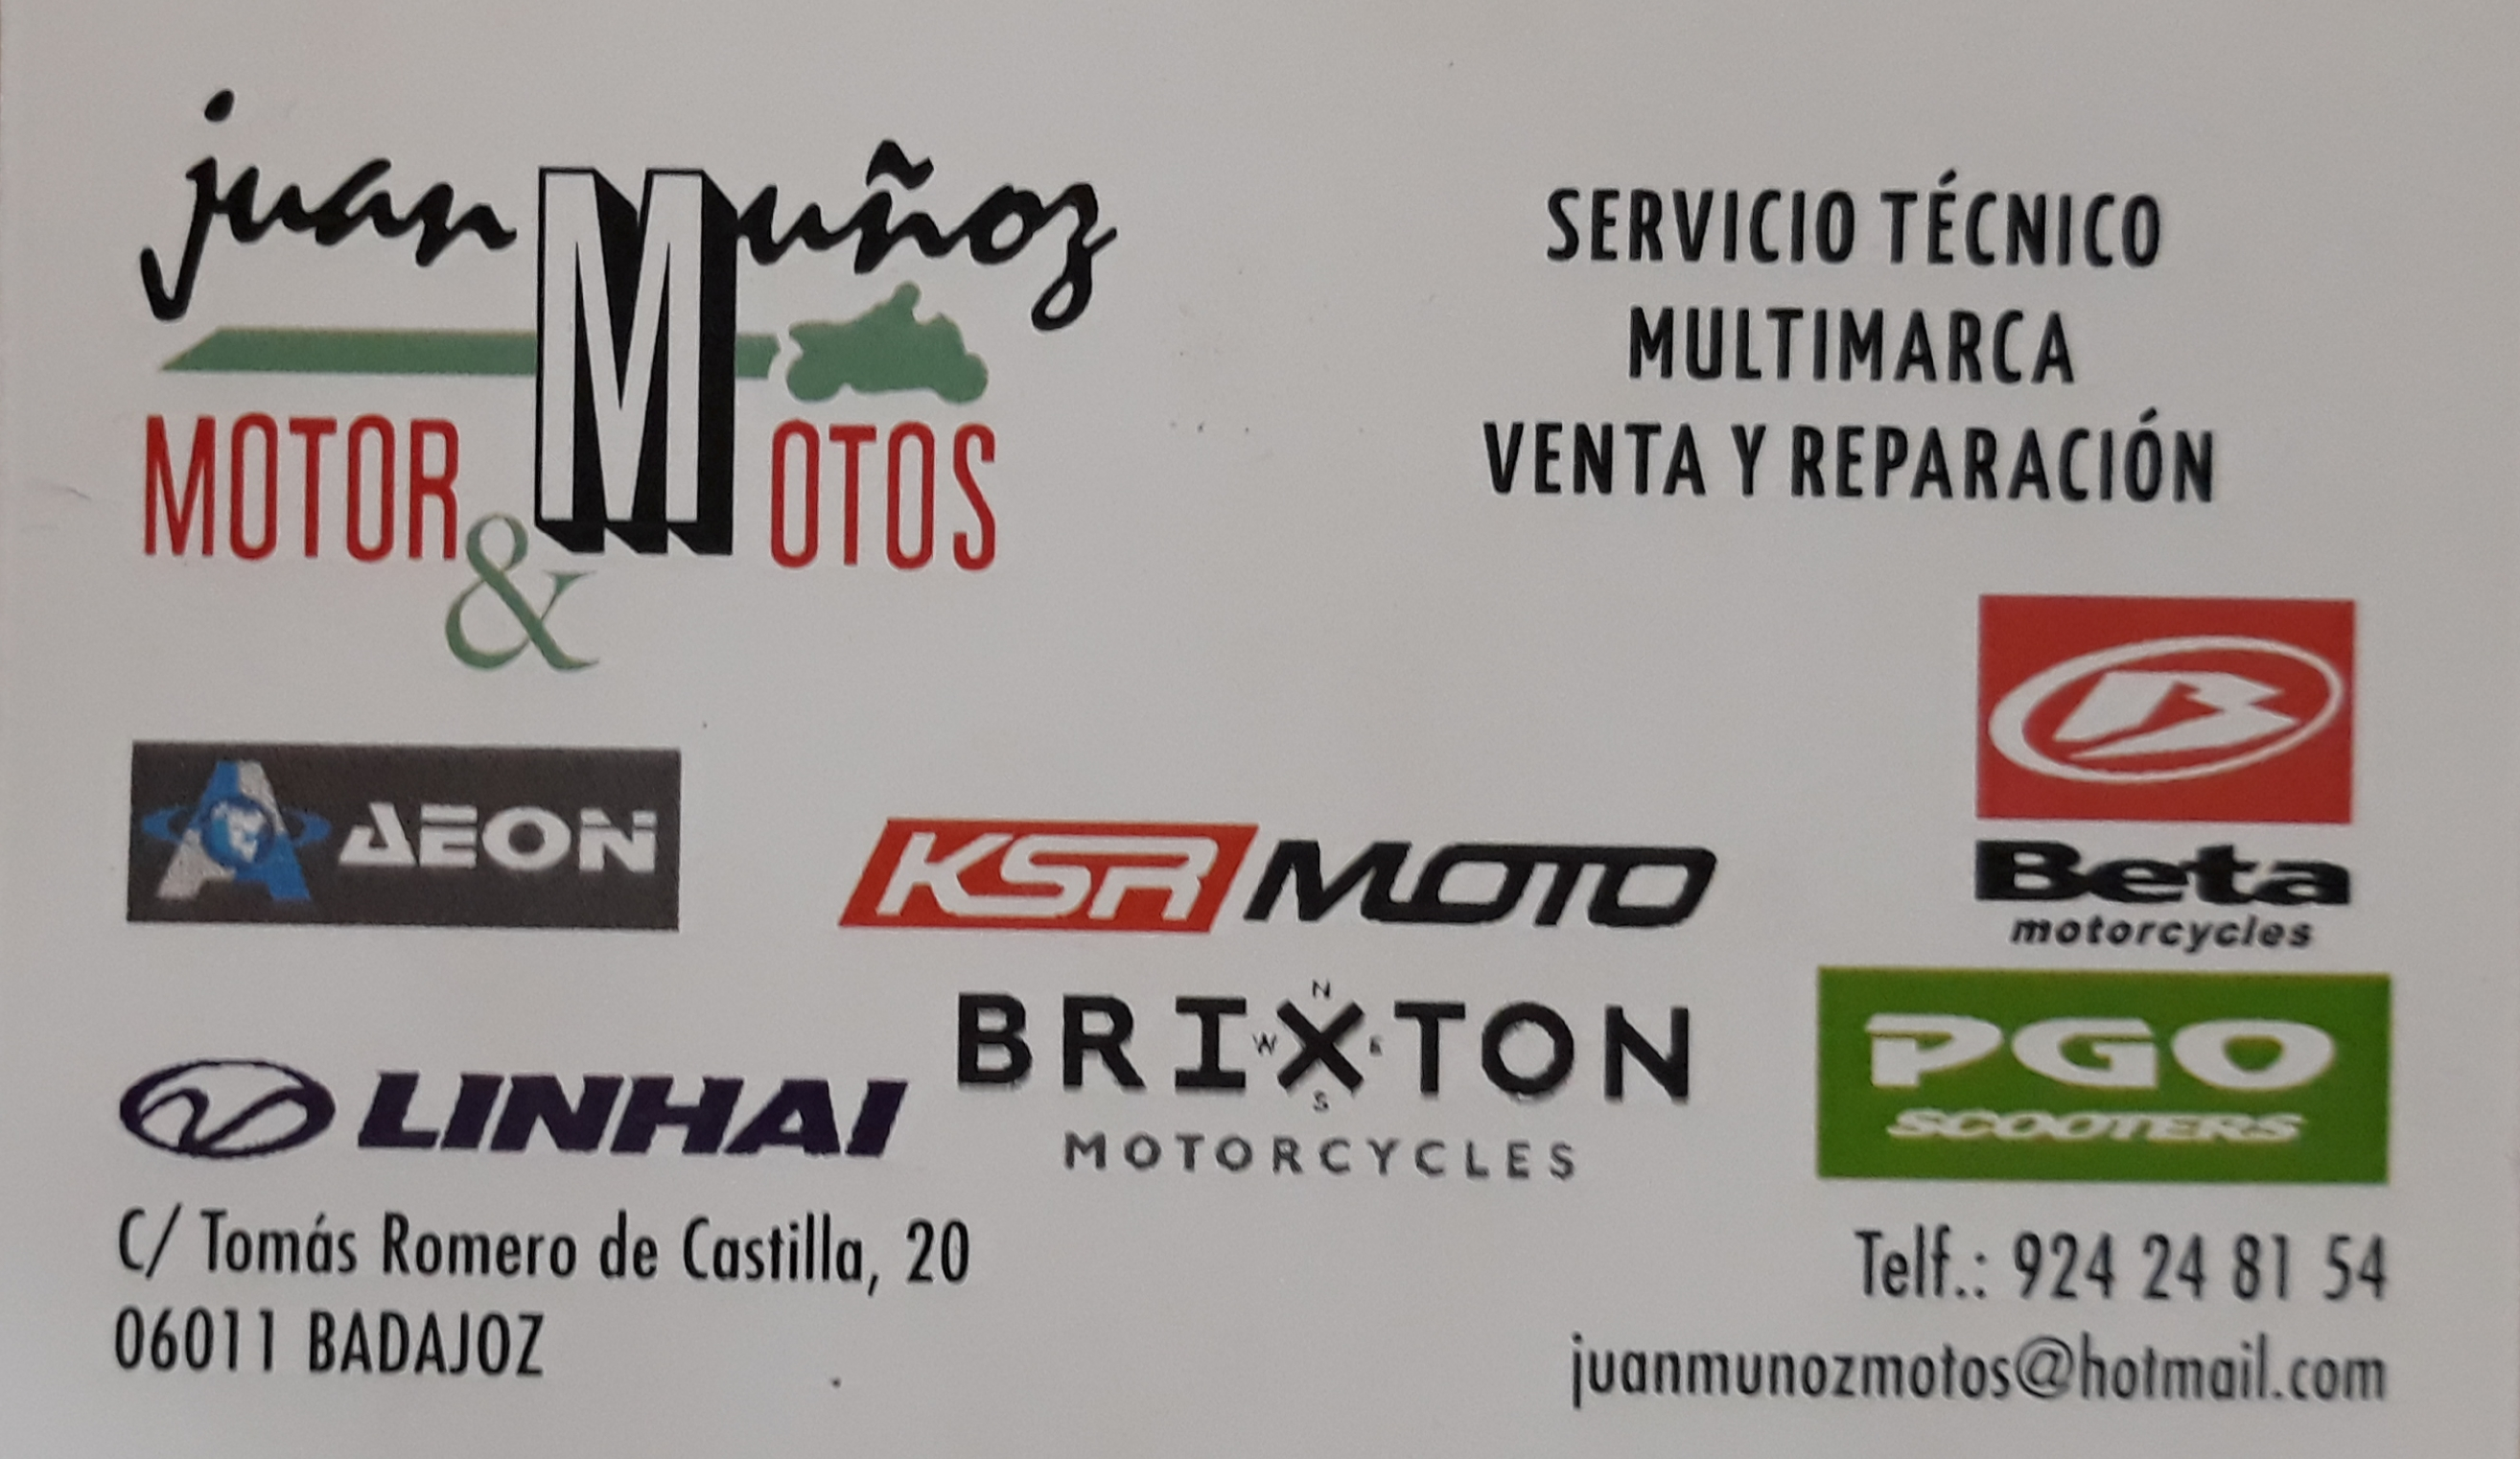 Juan Muñoz Motor Y Motos